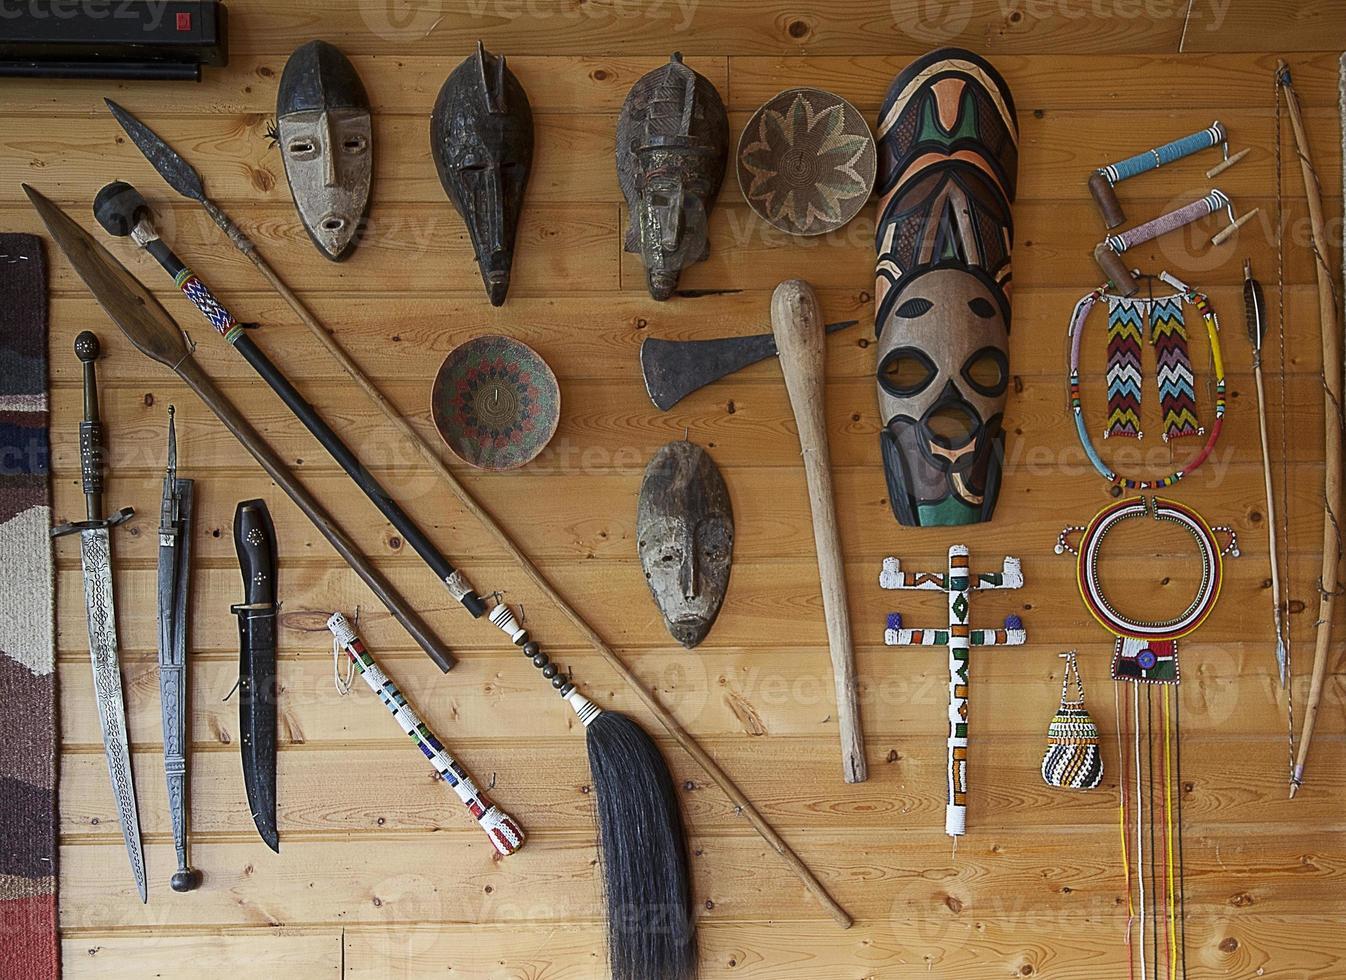 einheimische afrikanische Stammeskunst und Waffen foto